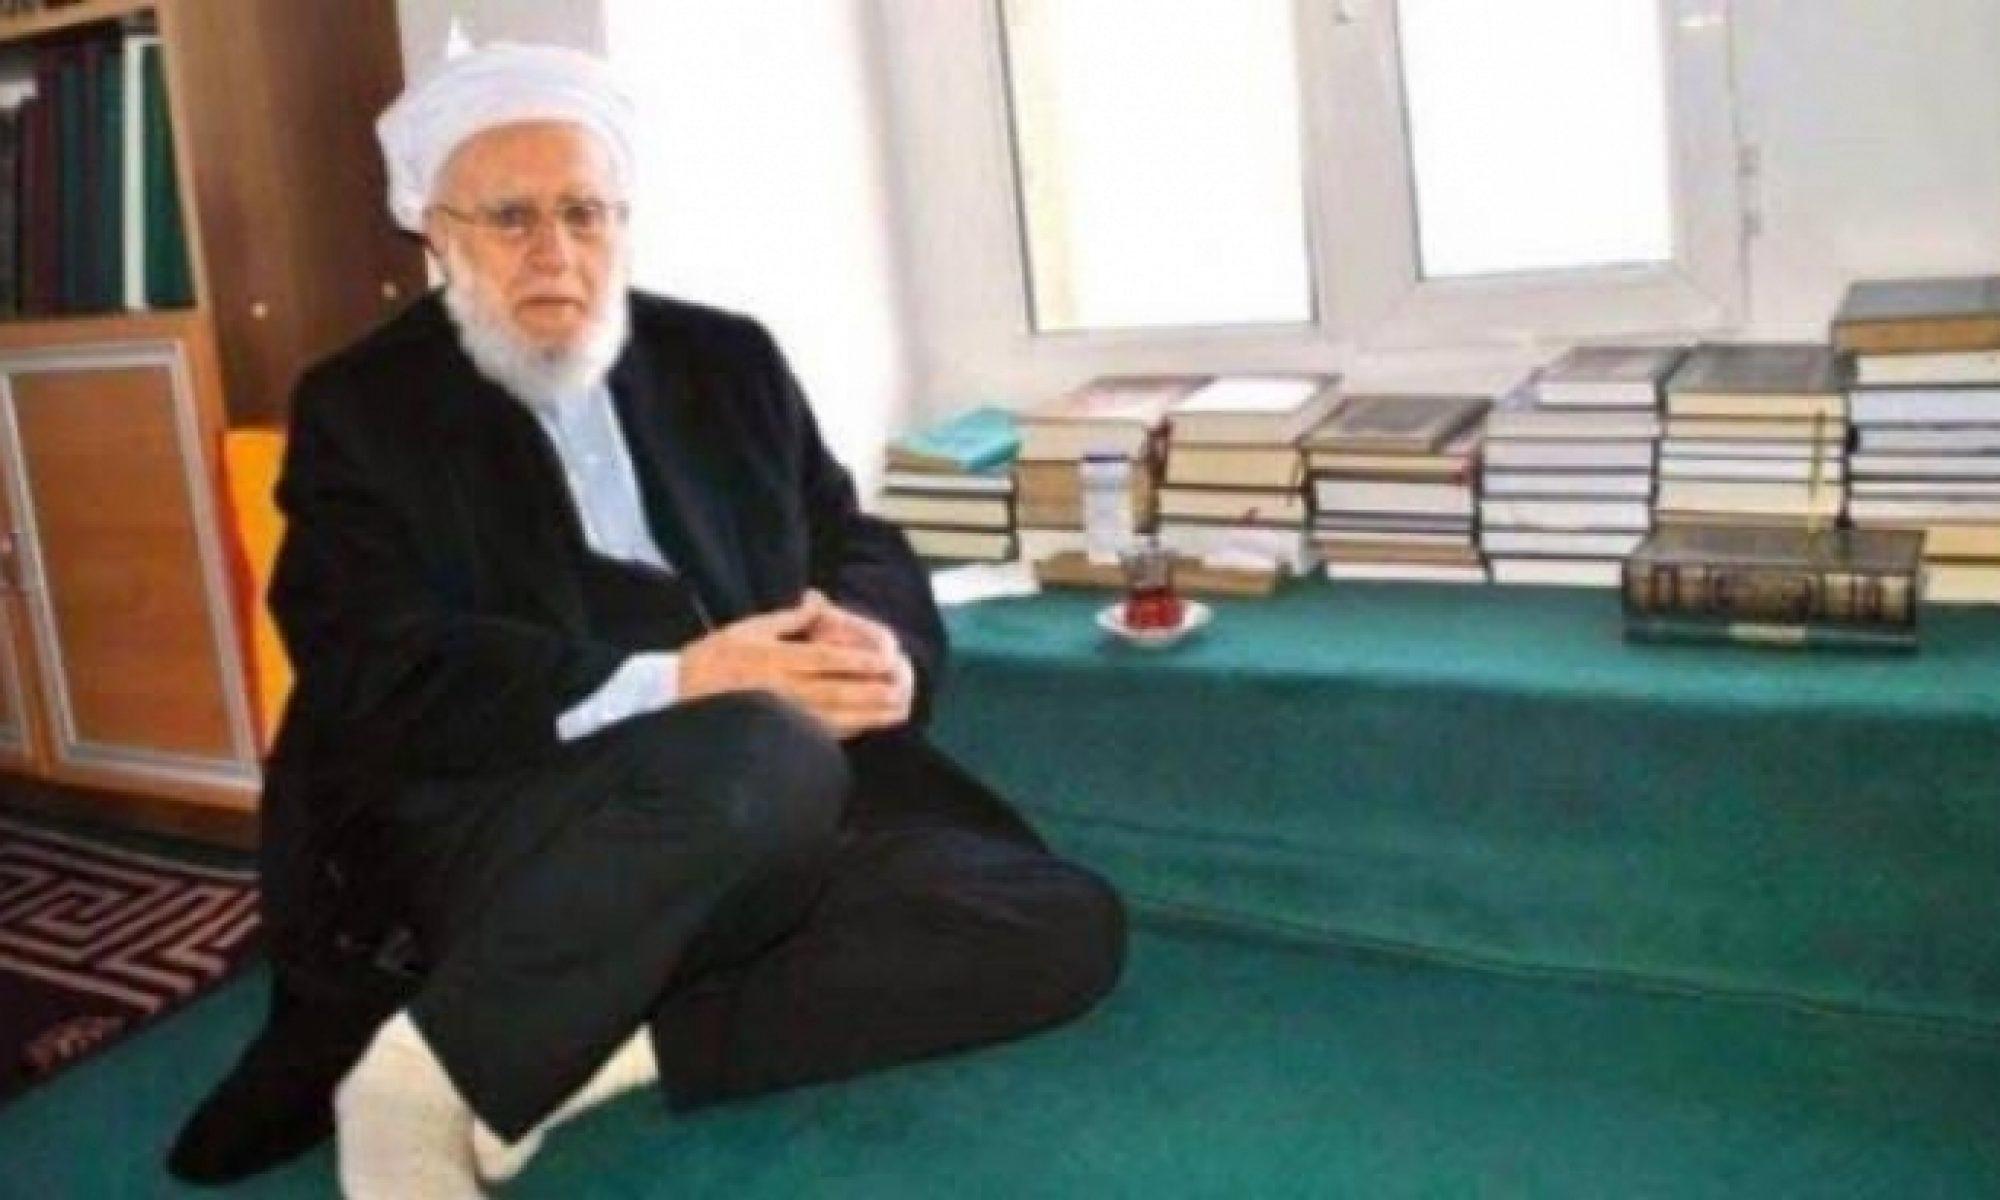 Medrese geleneğinin önemli temsilcilerinden Şeyh Nureddin Mutlu hayatını kaybetti